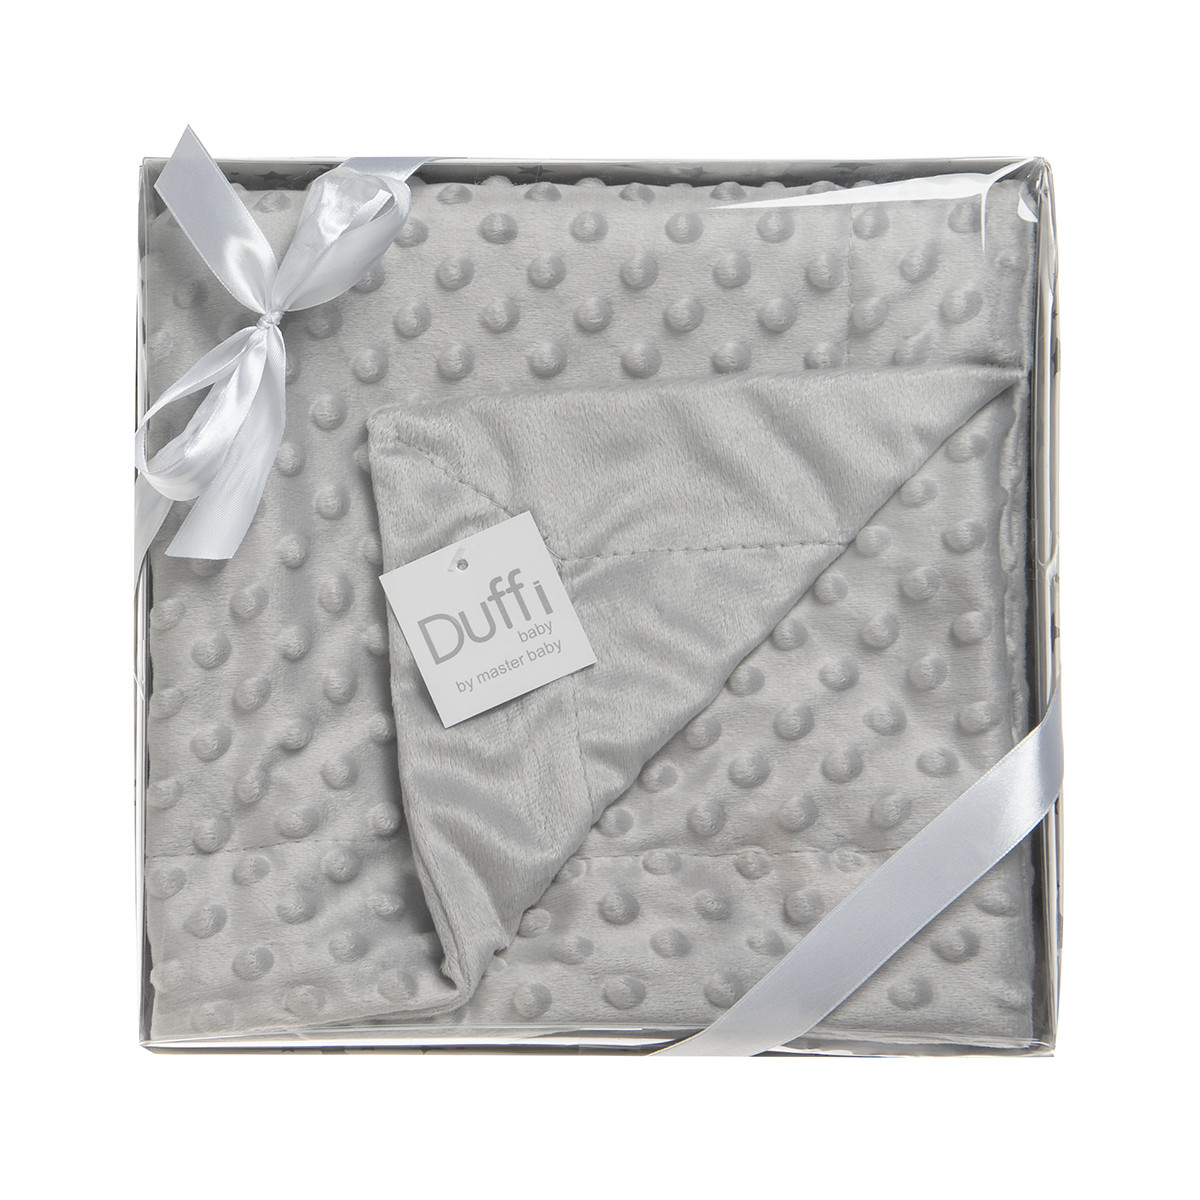 Κουβέρτα με ανάγλυφο μοτίβο